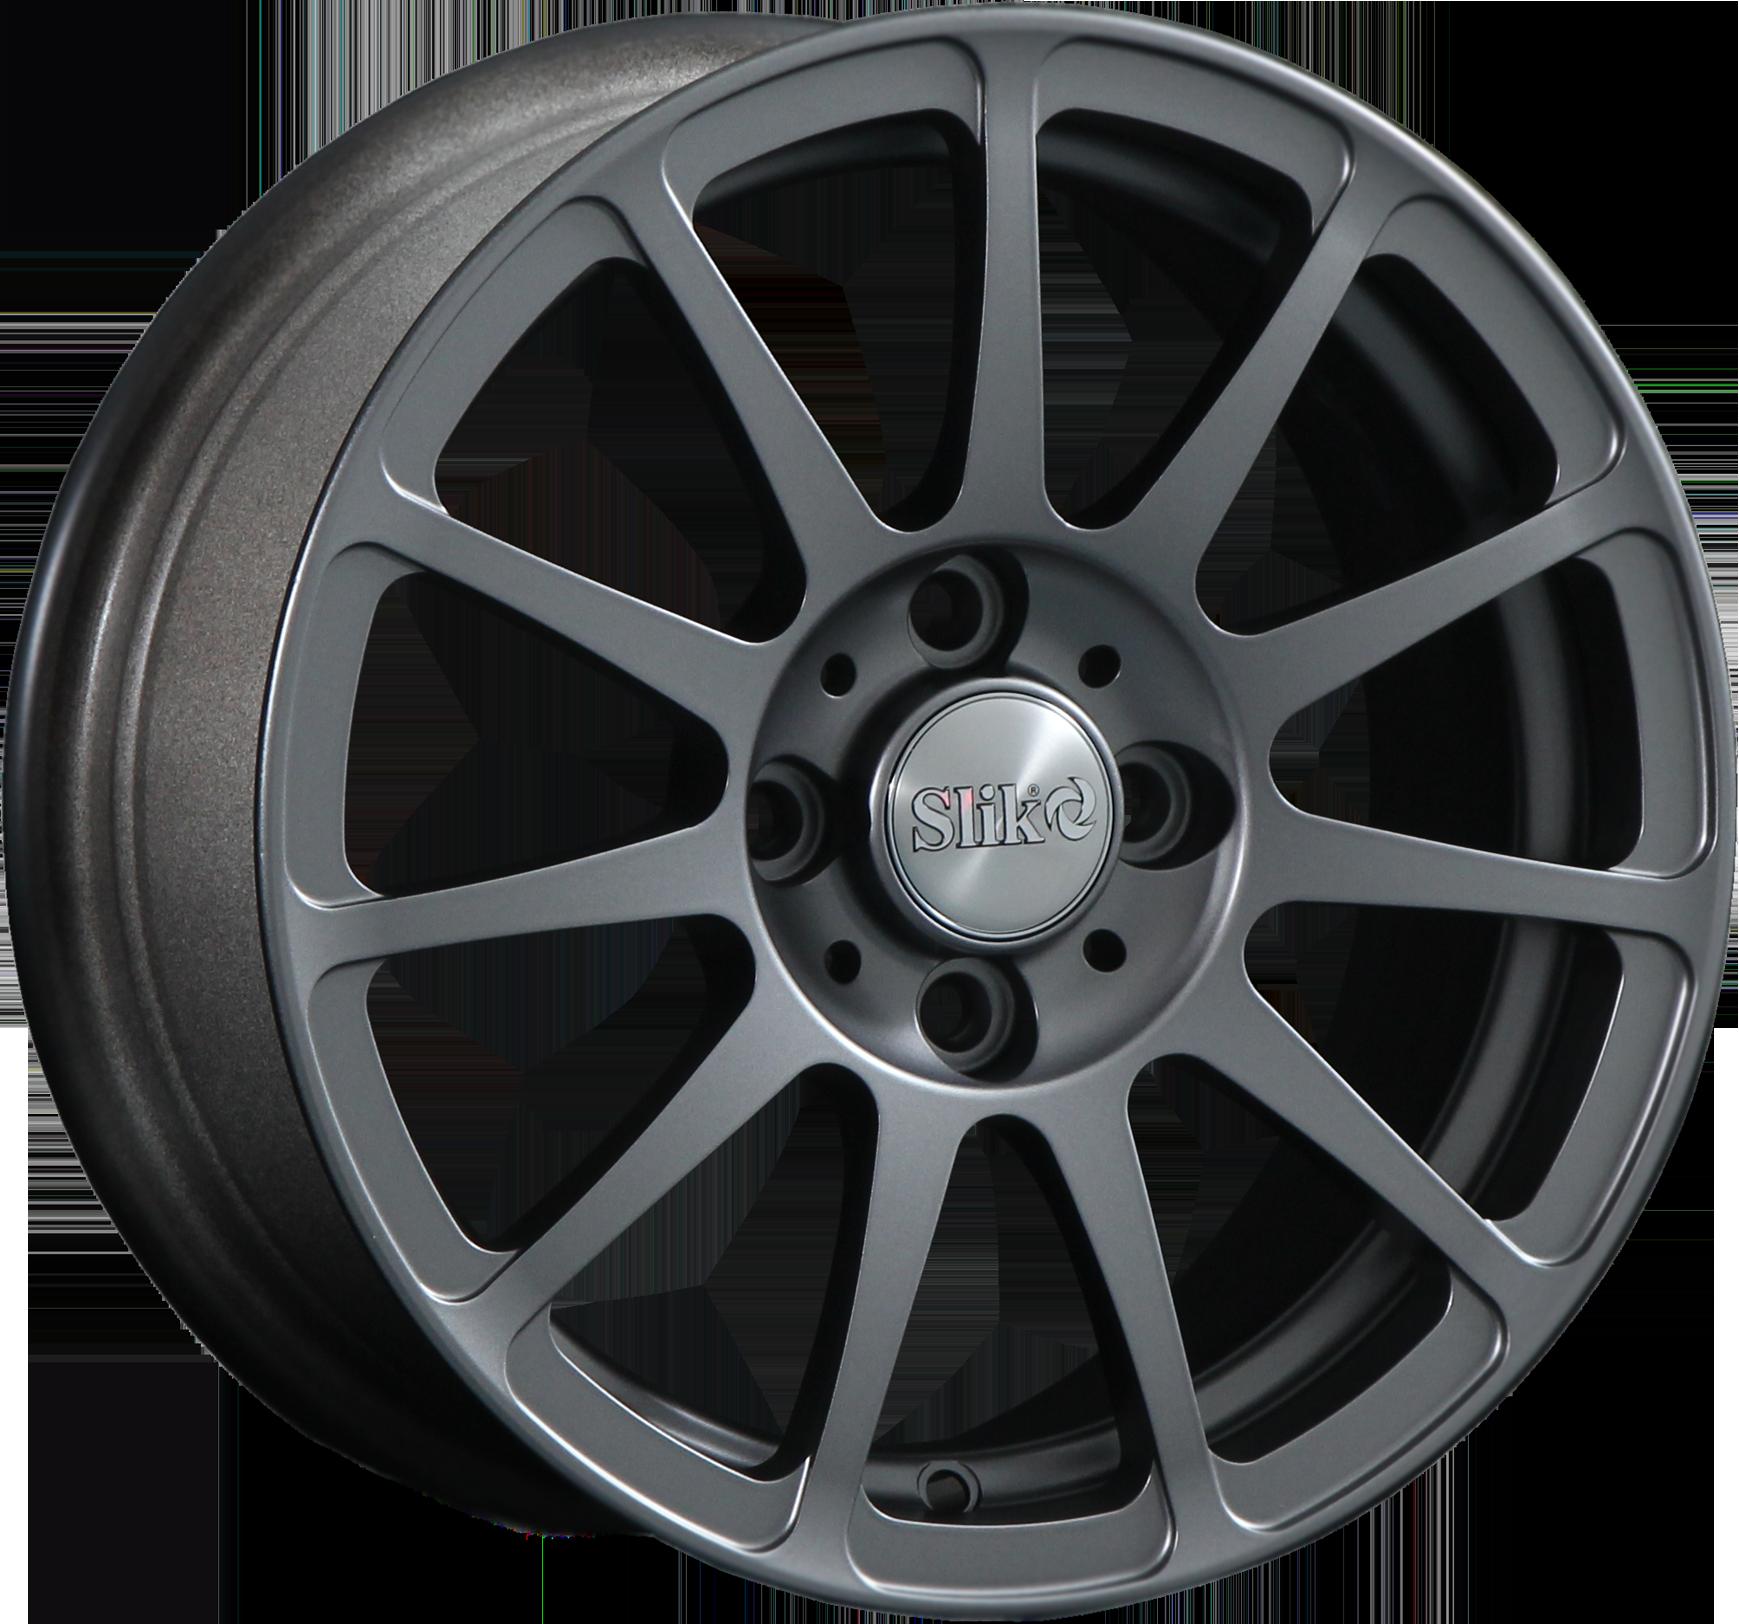 SLIK L-1722 forged wheels